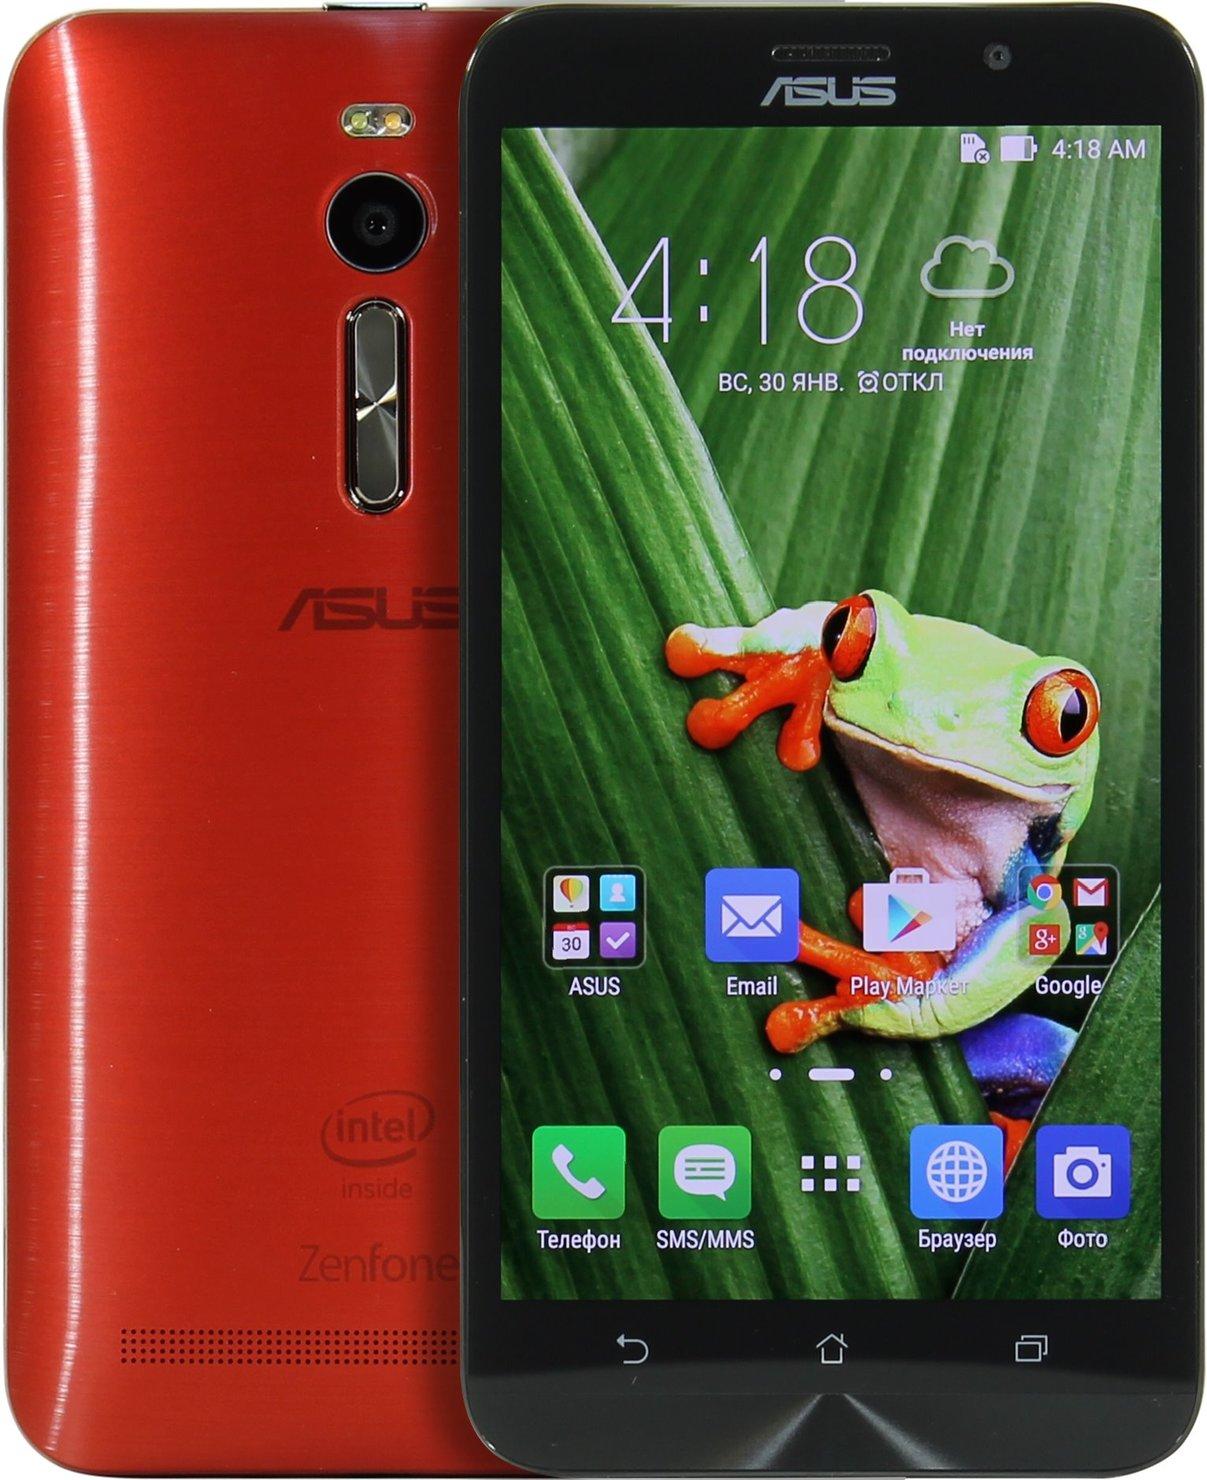 Asus Zenfone 2 Ze551ml Red 16 2gb